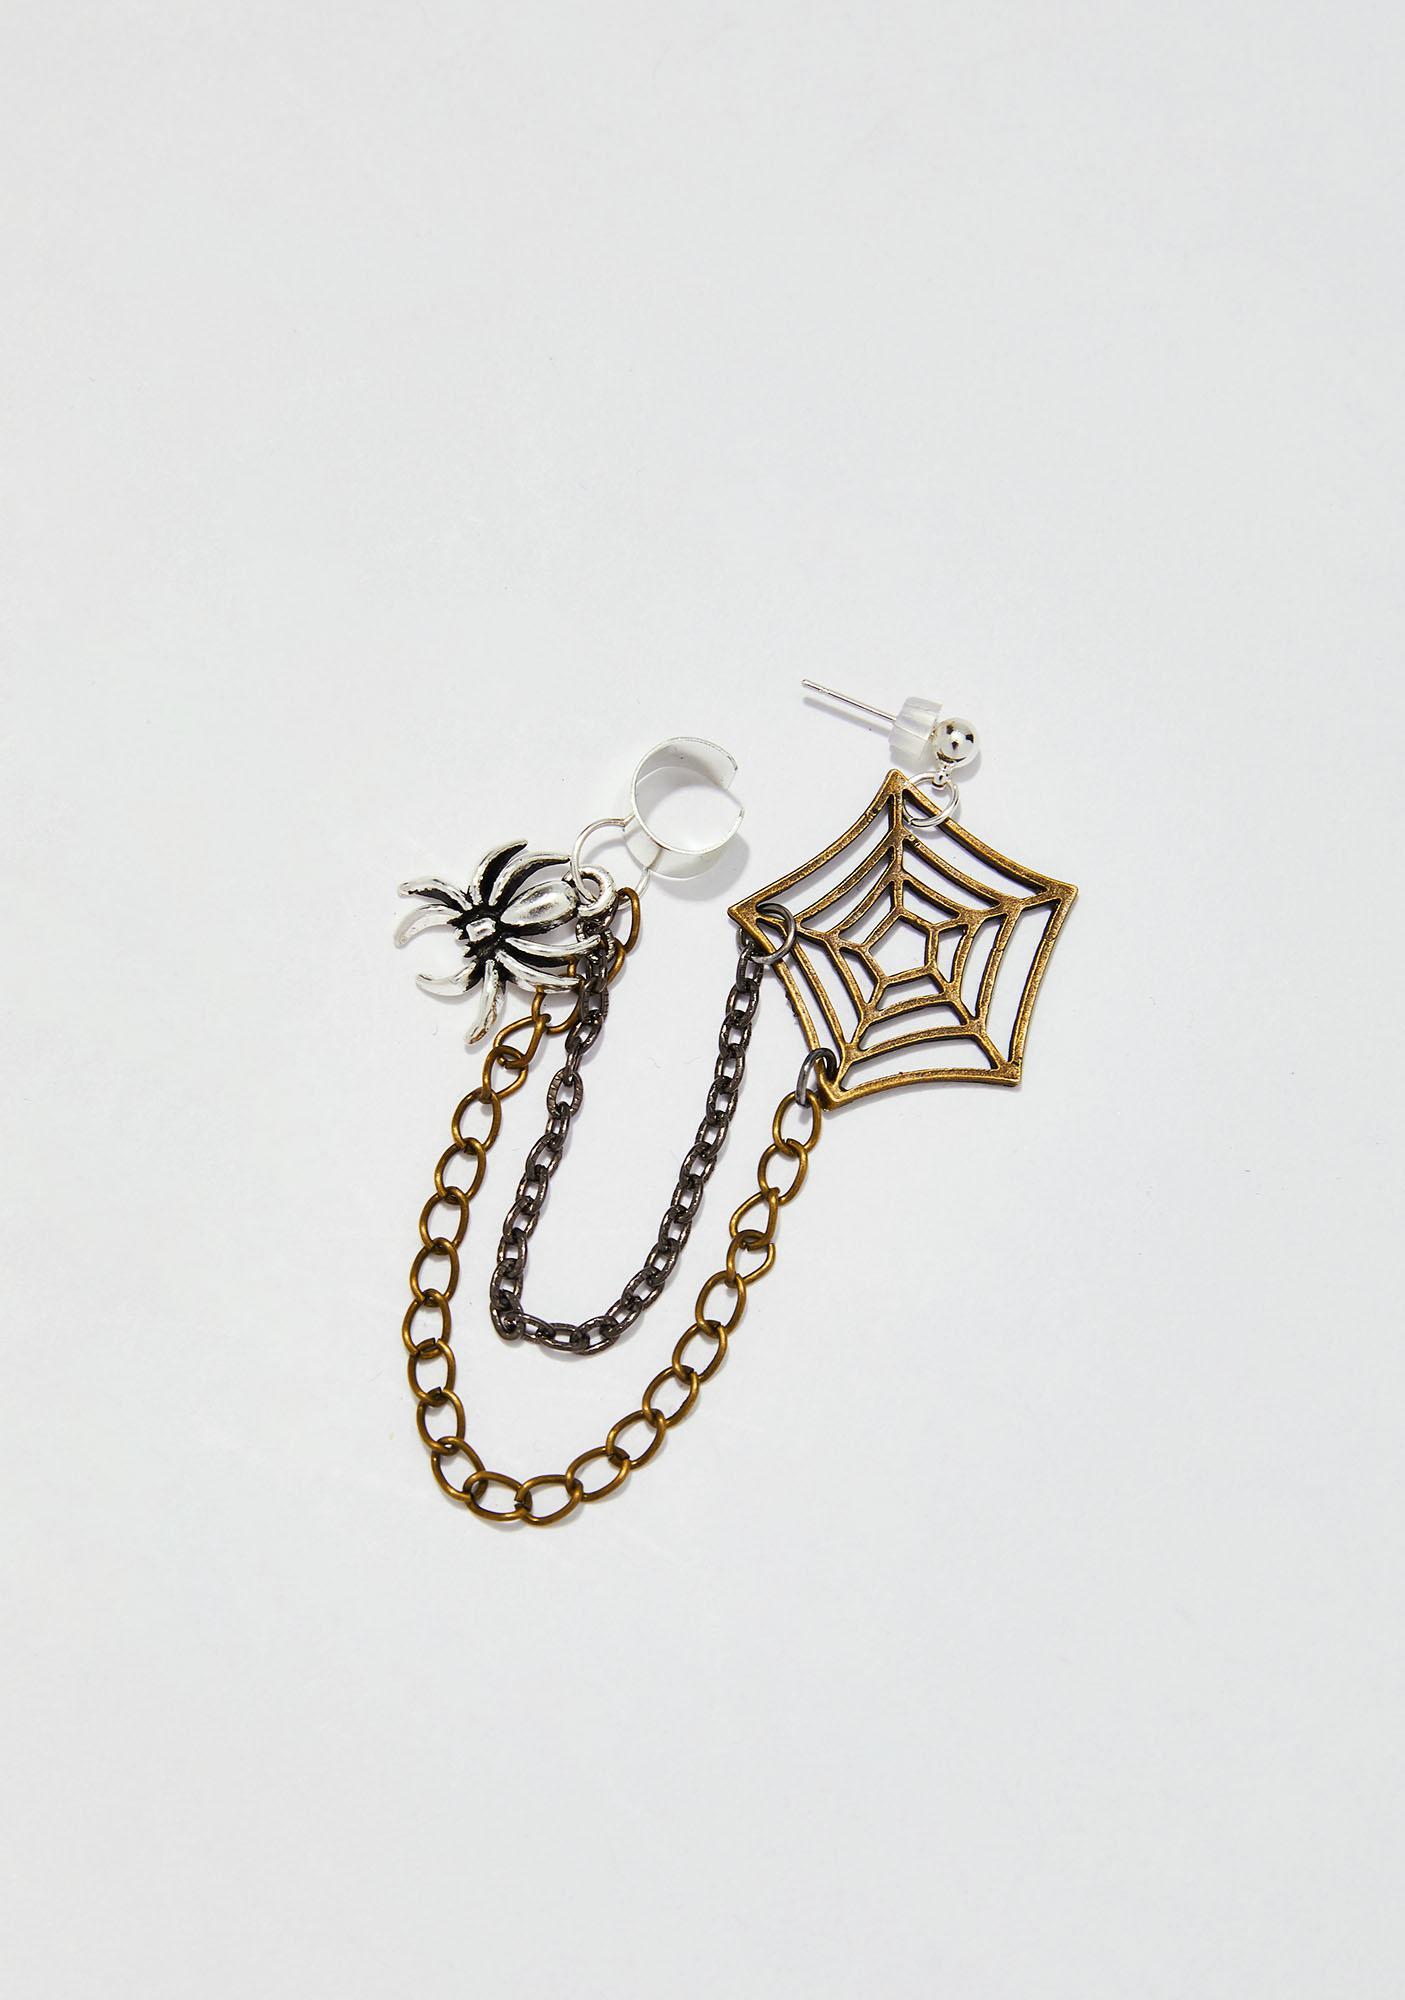 Itsy Bitsy Spider Ear Cuff